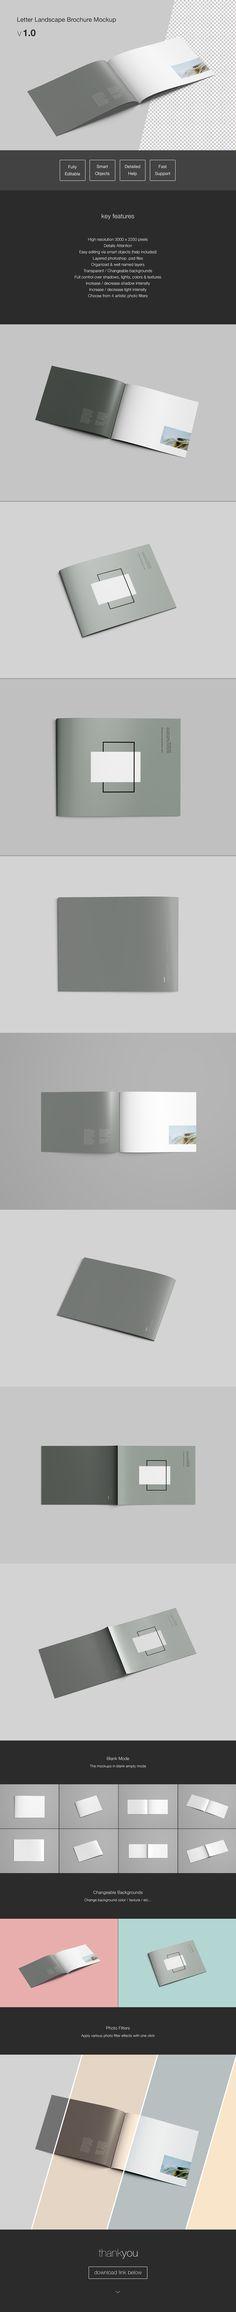 Letter Landscape Brochure Mockup on Behance